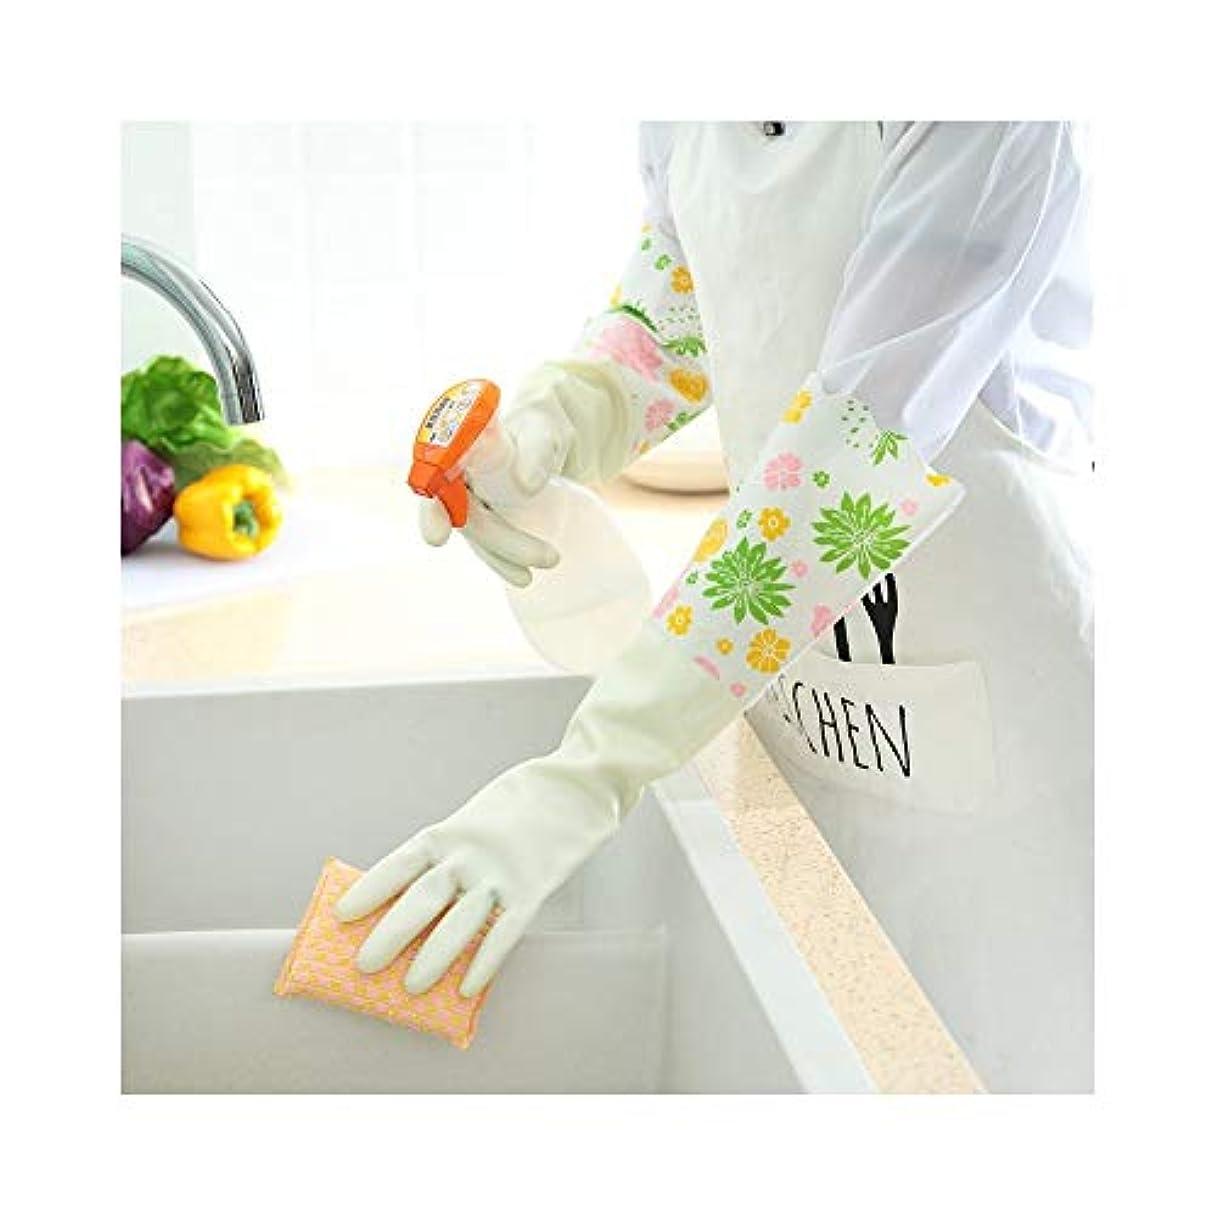 糸刻む自分のニトリルゴム手袋 キッチン用手袋防水性と耐久性のあるゴム製家事用手袋、1ペア 使い捨て手袋 (Color : GREEN, Size : L)